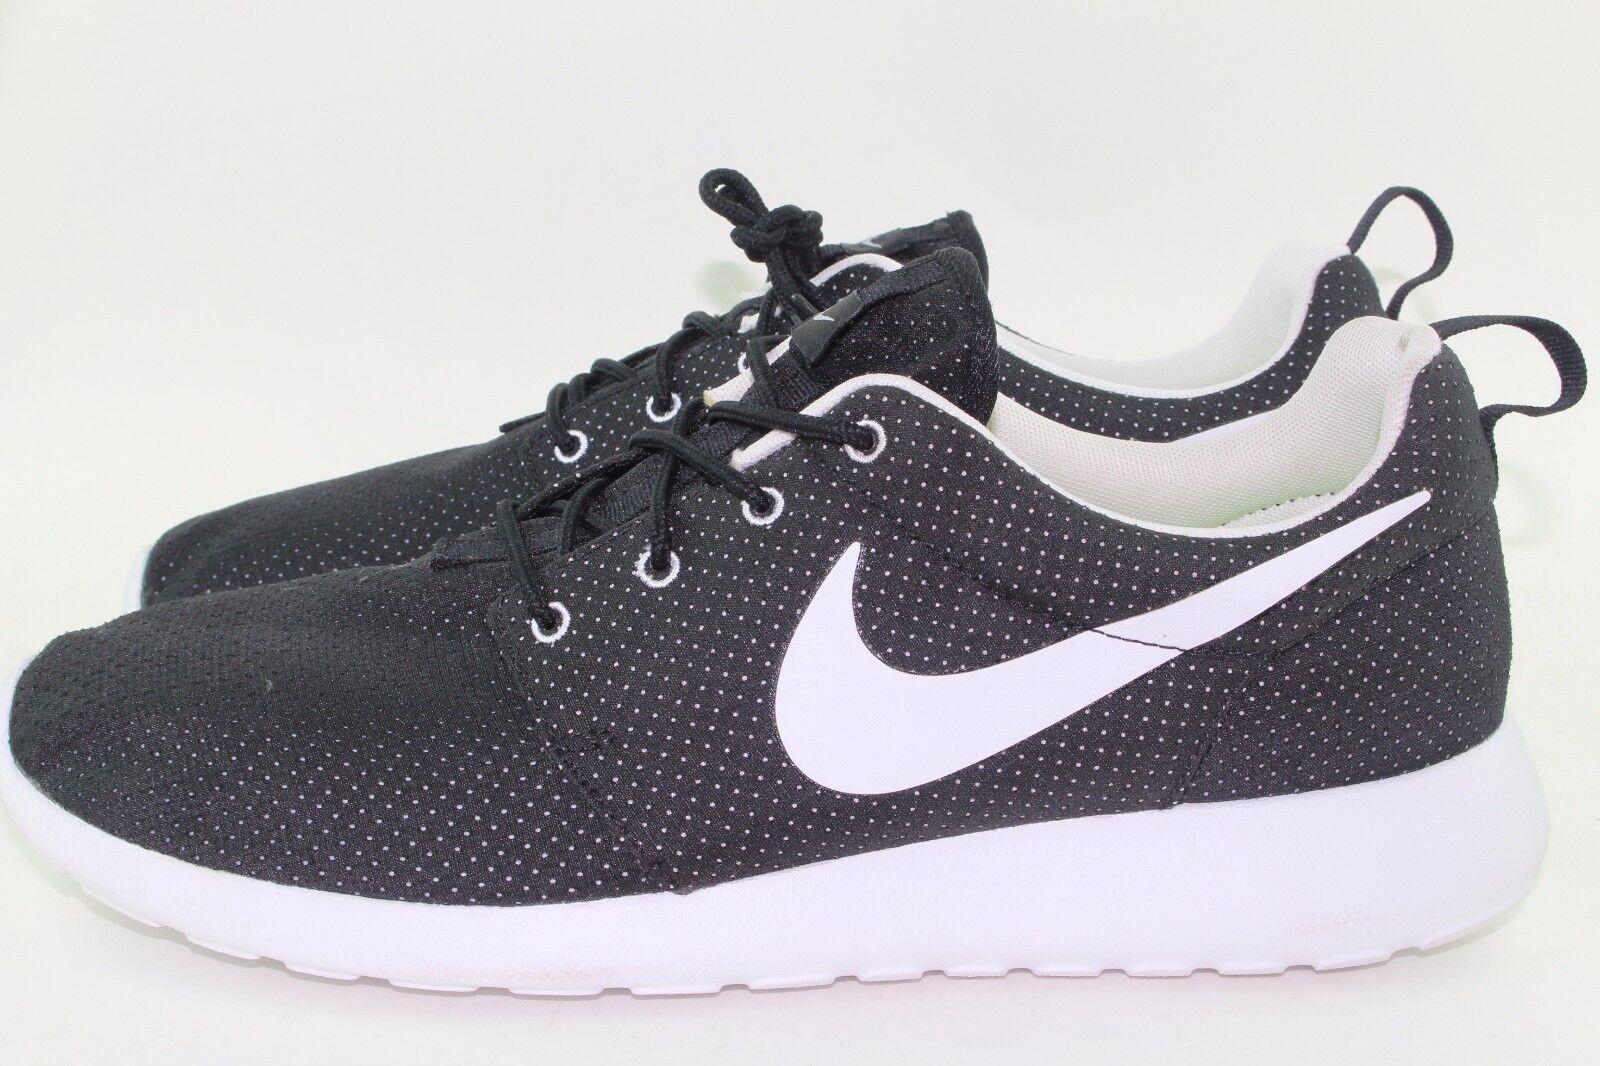 Nike rosherun uomini neri di dimensioni nuove rare autentico comodo correre bianco